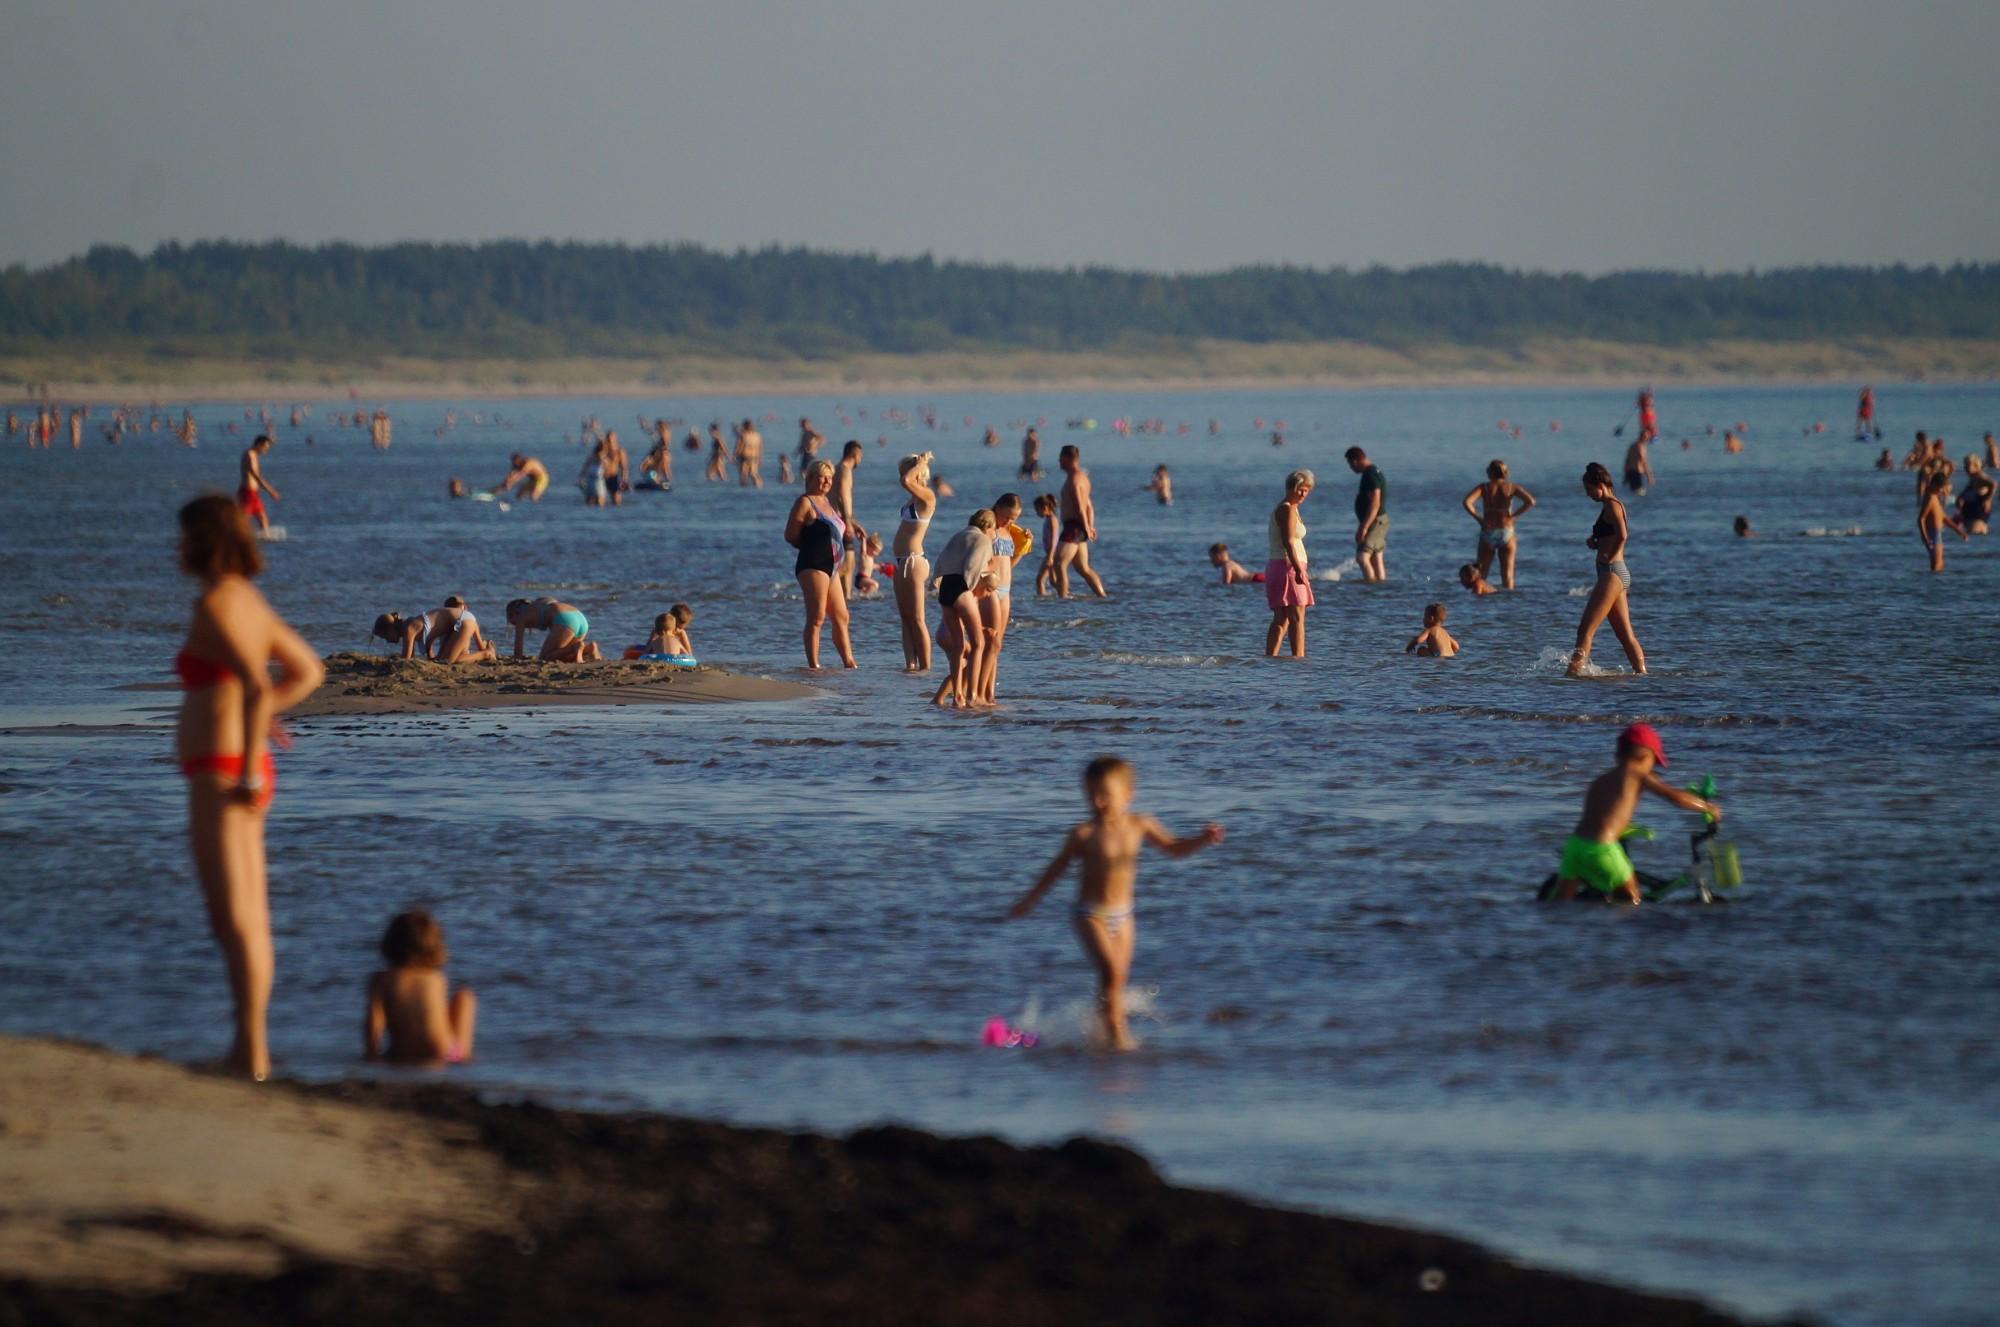 Peldsezonas izskaņā ūdens temperatūra jūrā pie Liepājas no +15 līdz +18 grādiem